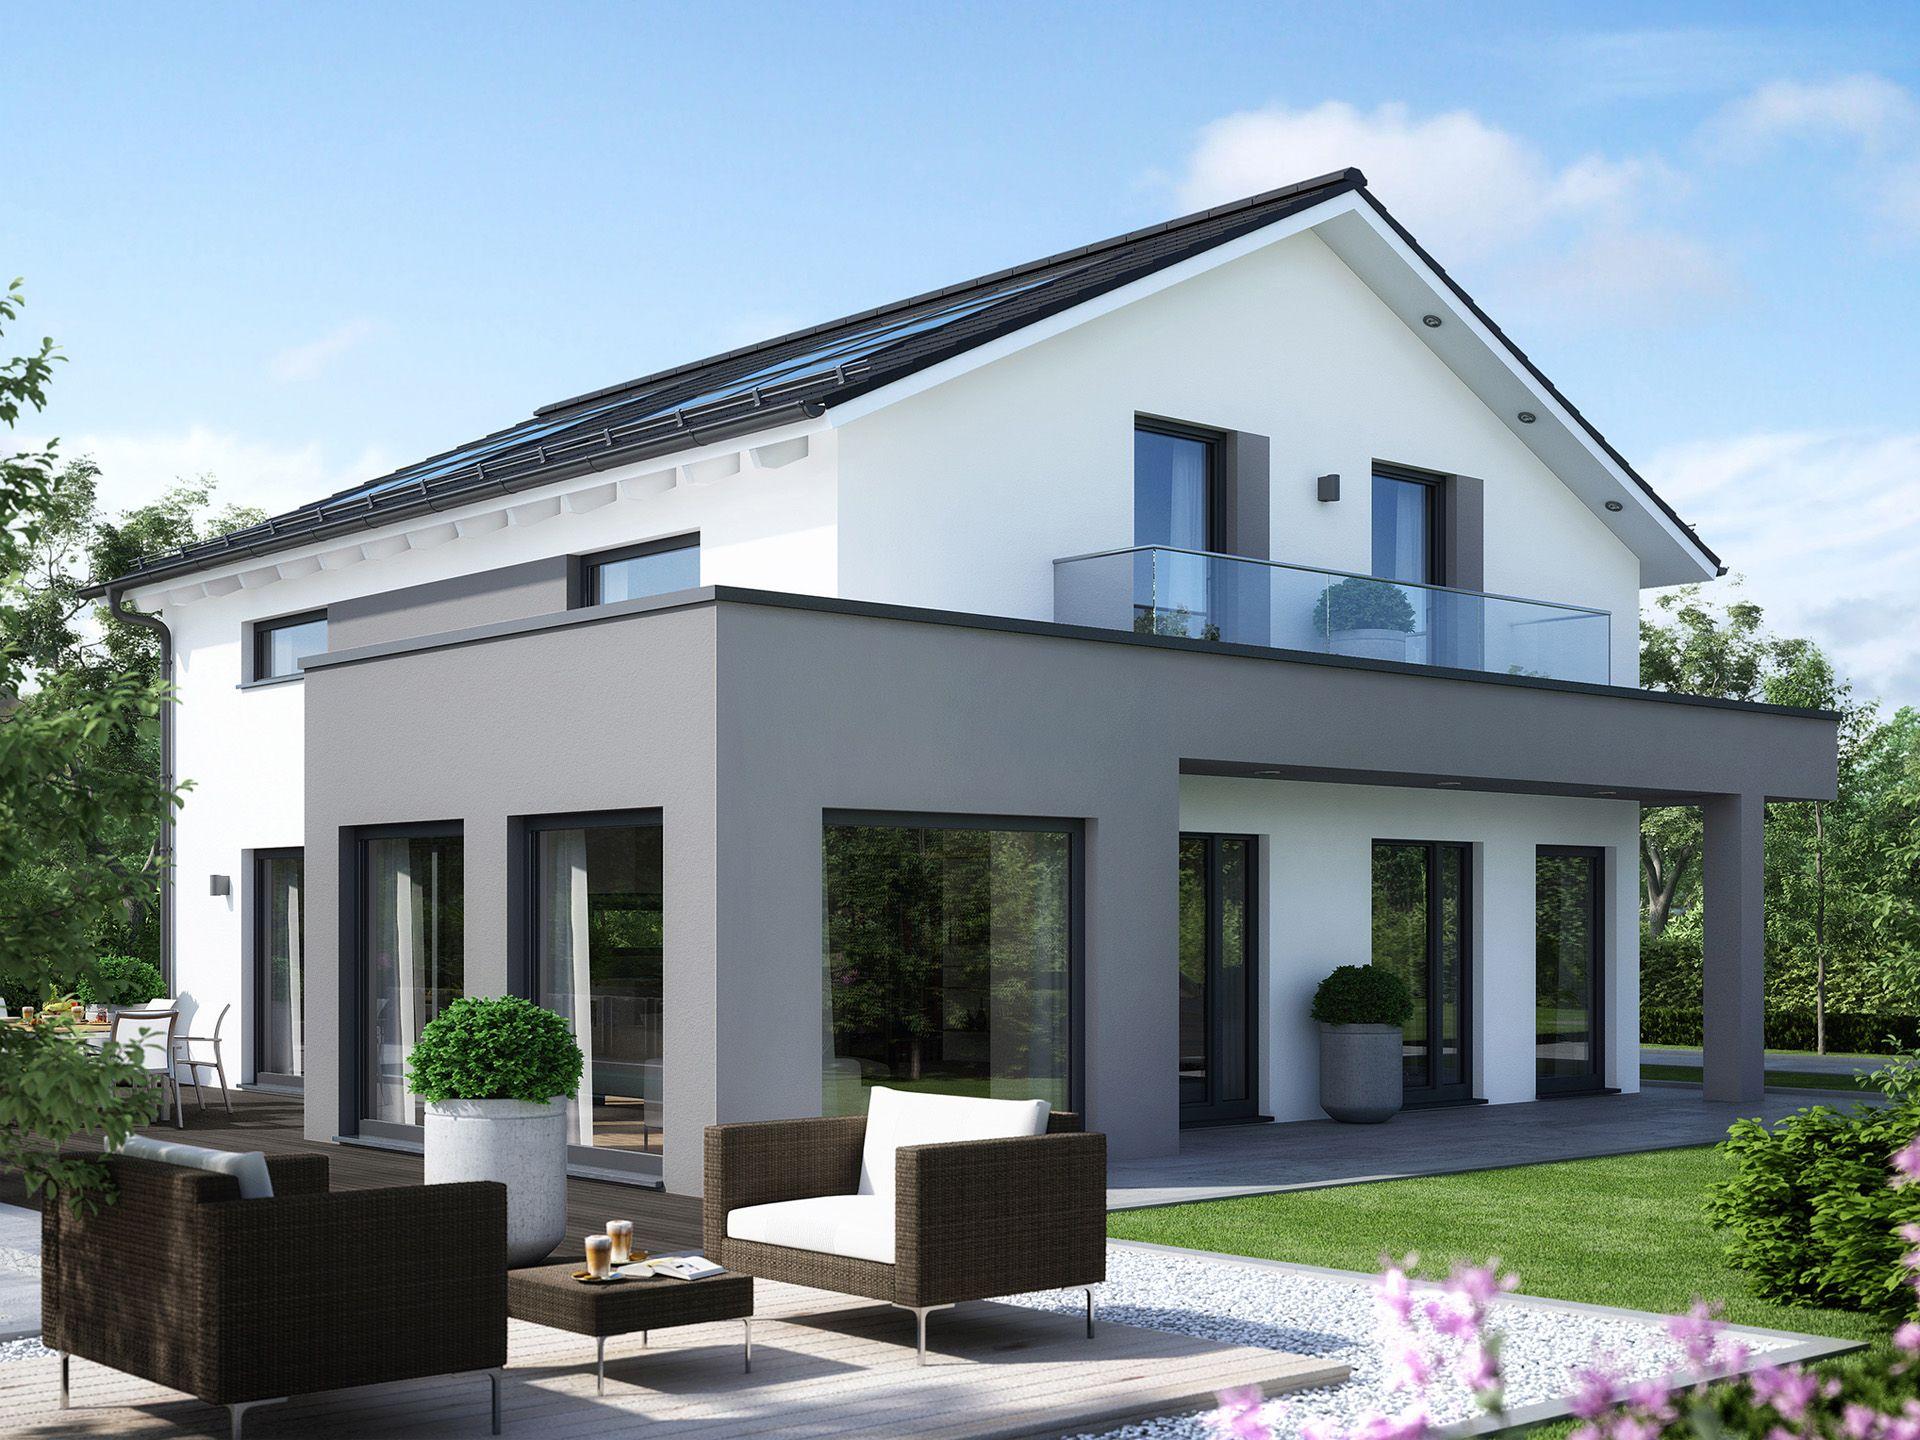 Aktionshaus sunshine 165 effizienzhaus von living haus for Modernes haus mit holzfenster